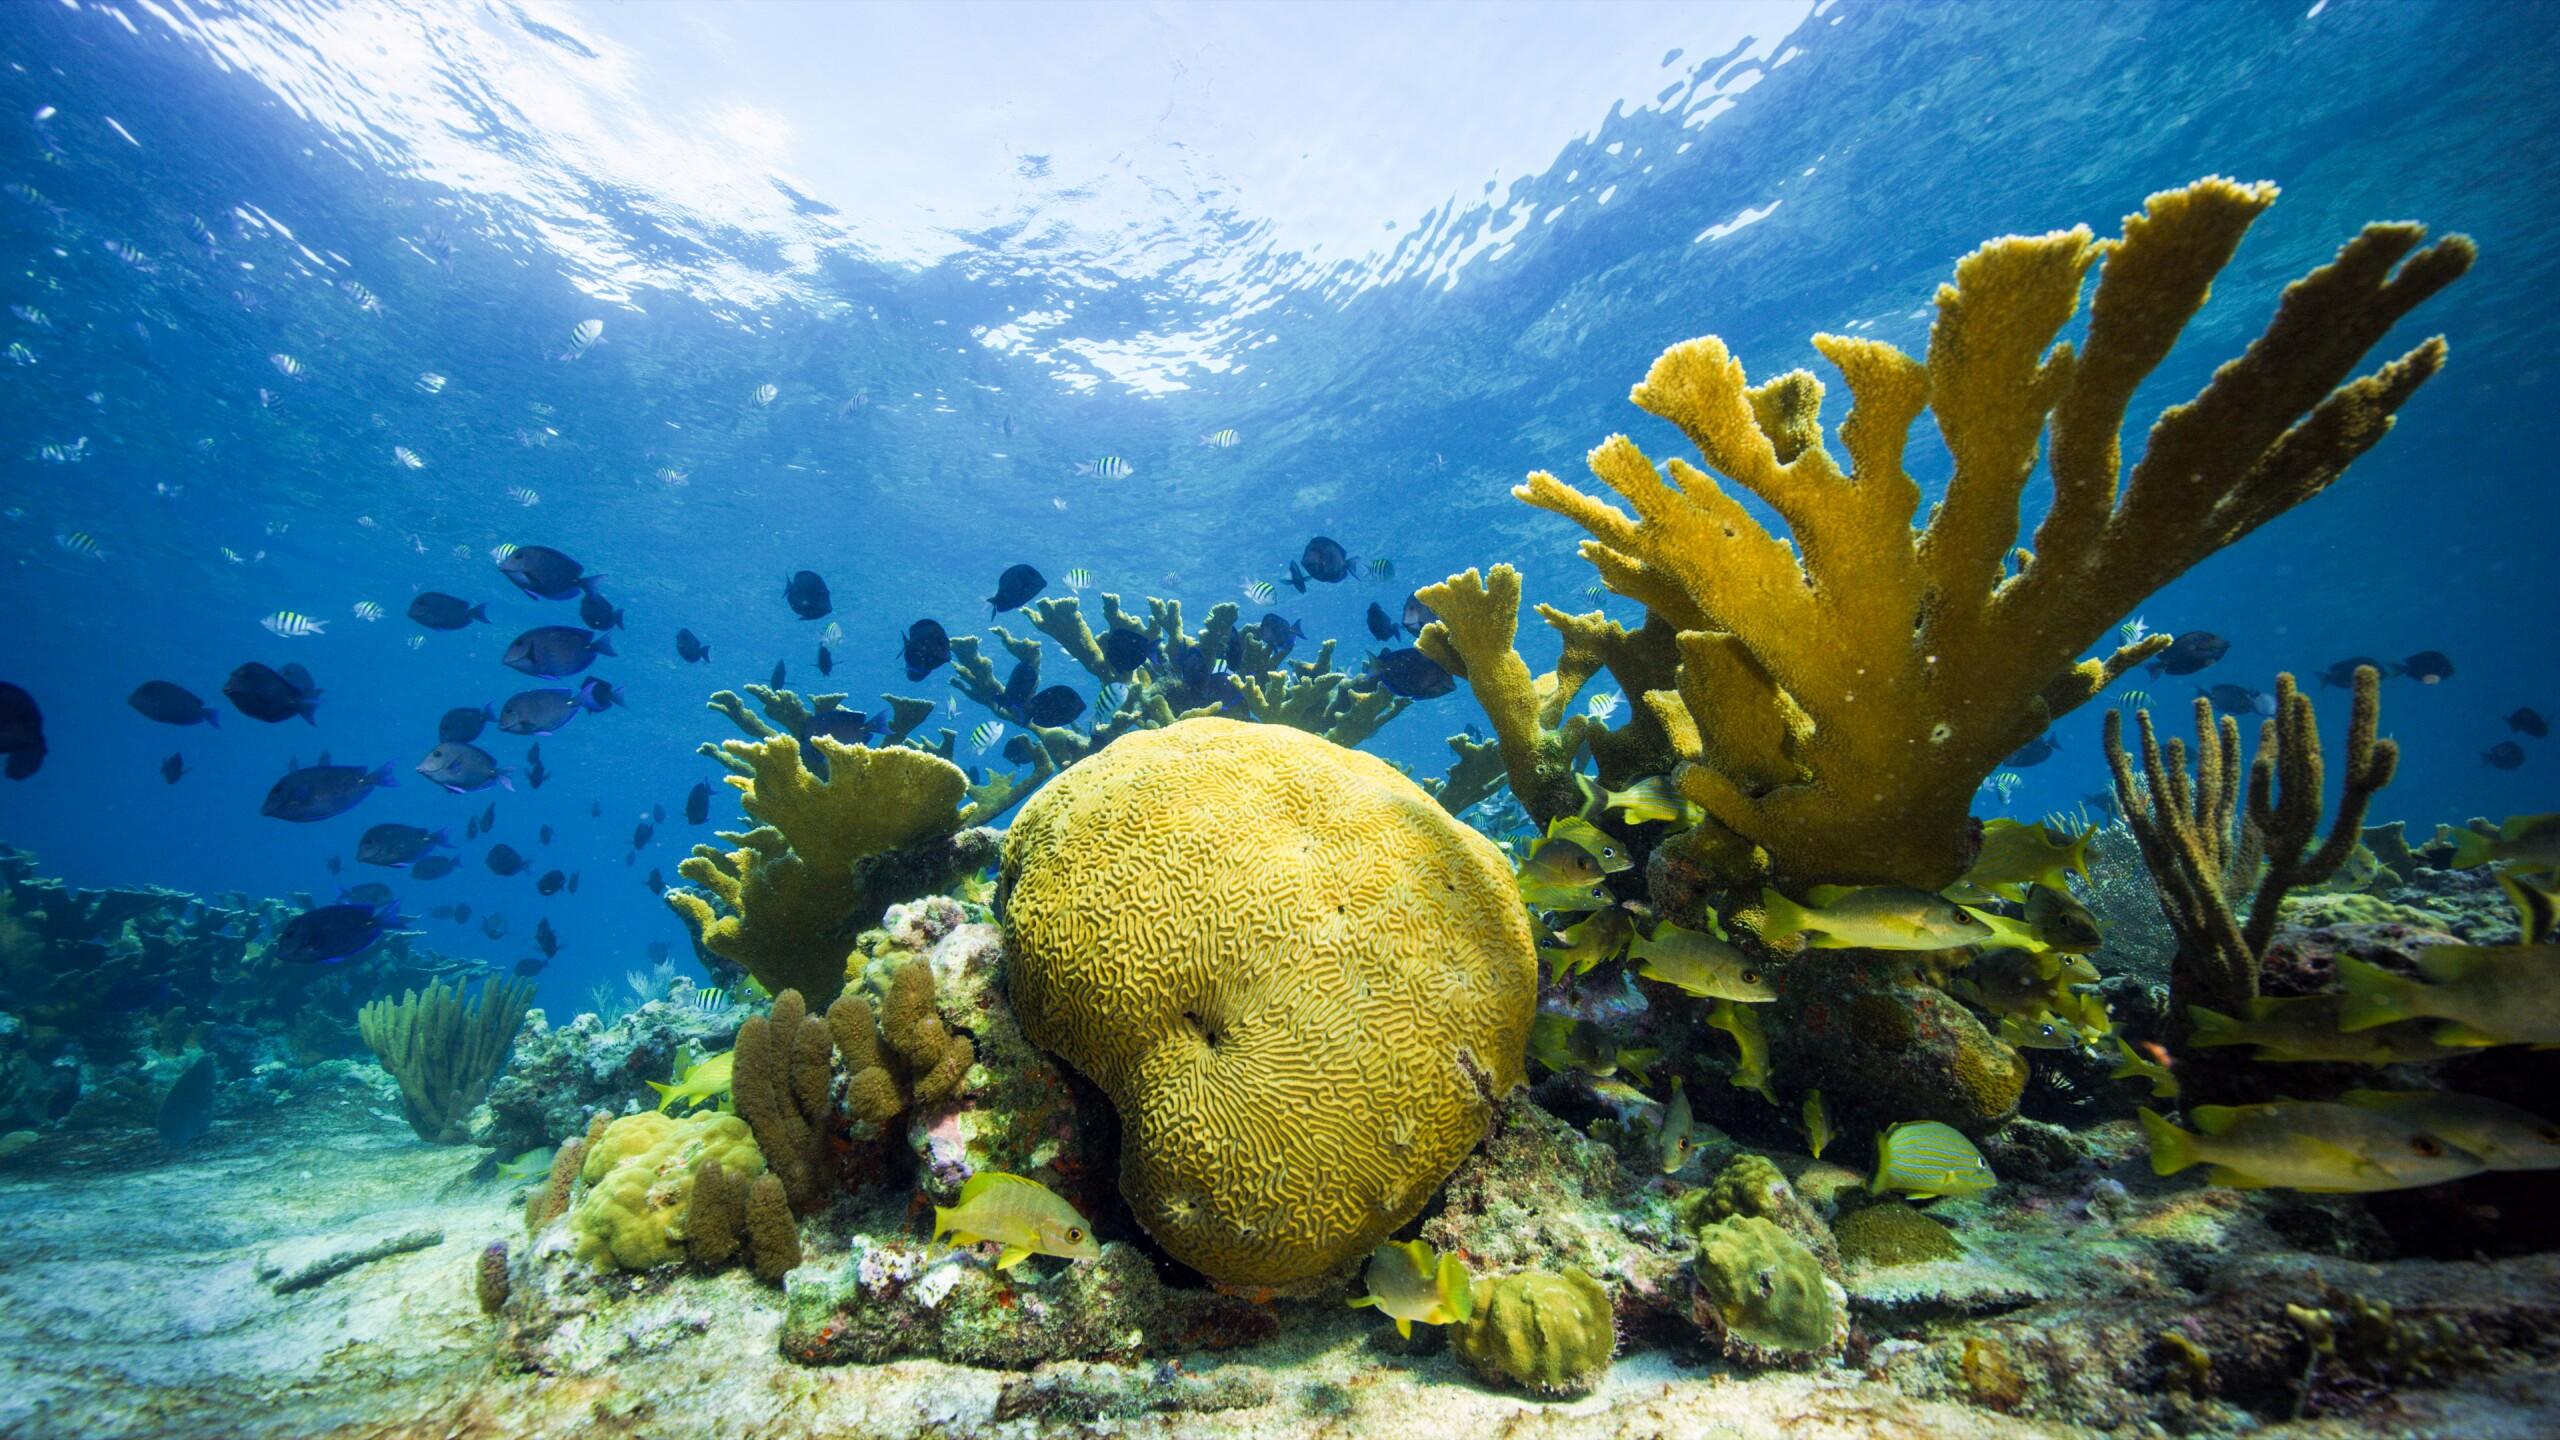 Cuba reef